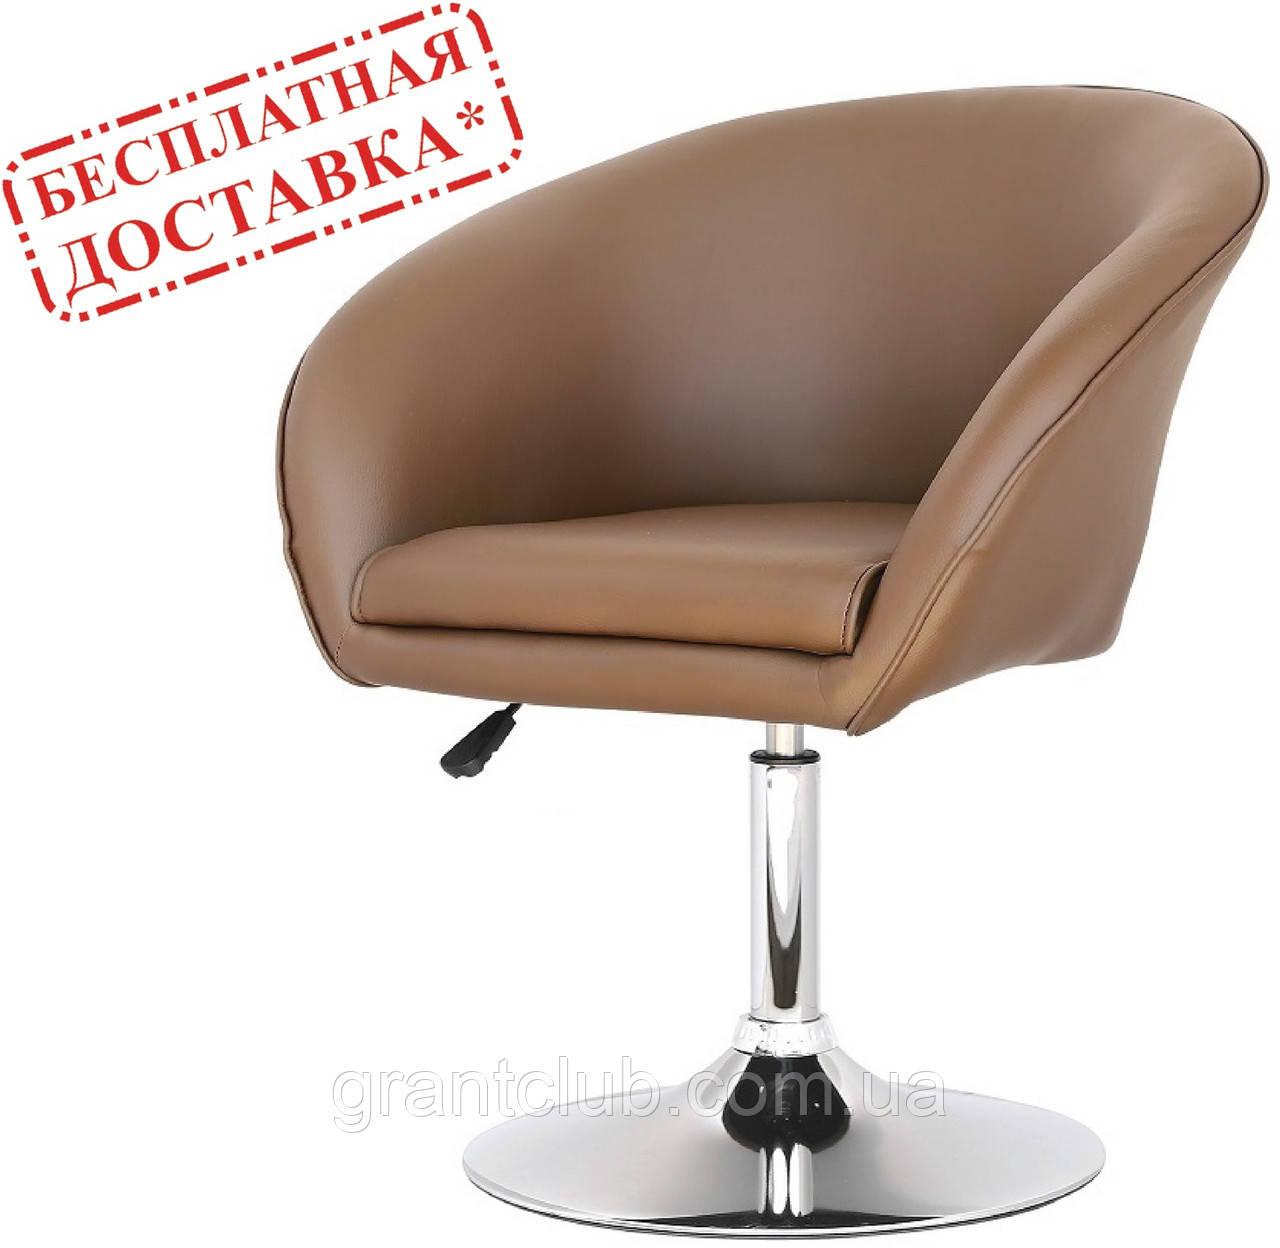 Кресло парикмахерское Мурат Нью  коричневое экокожа СДМ группа